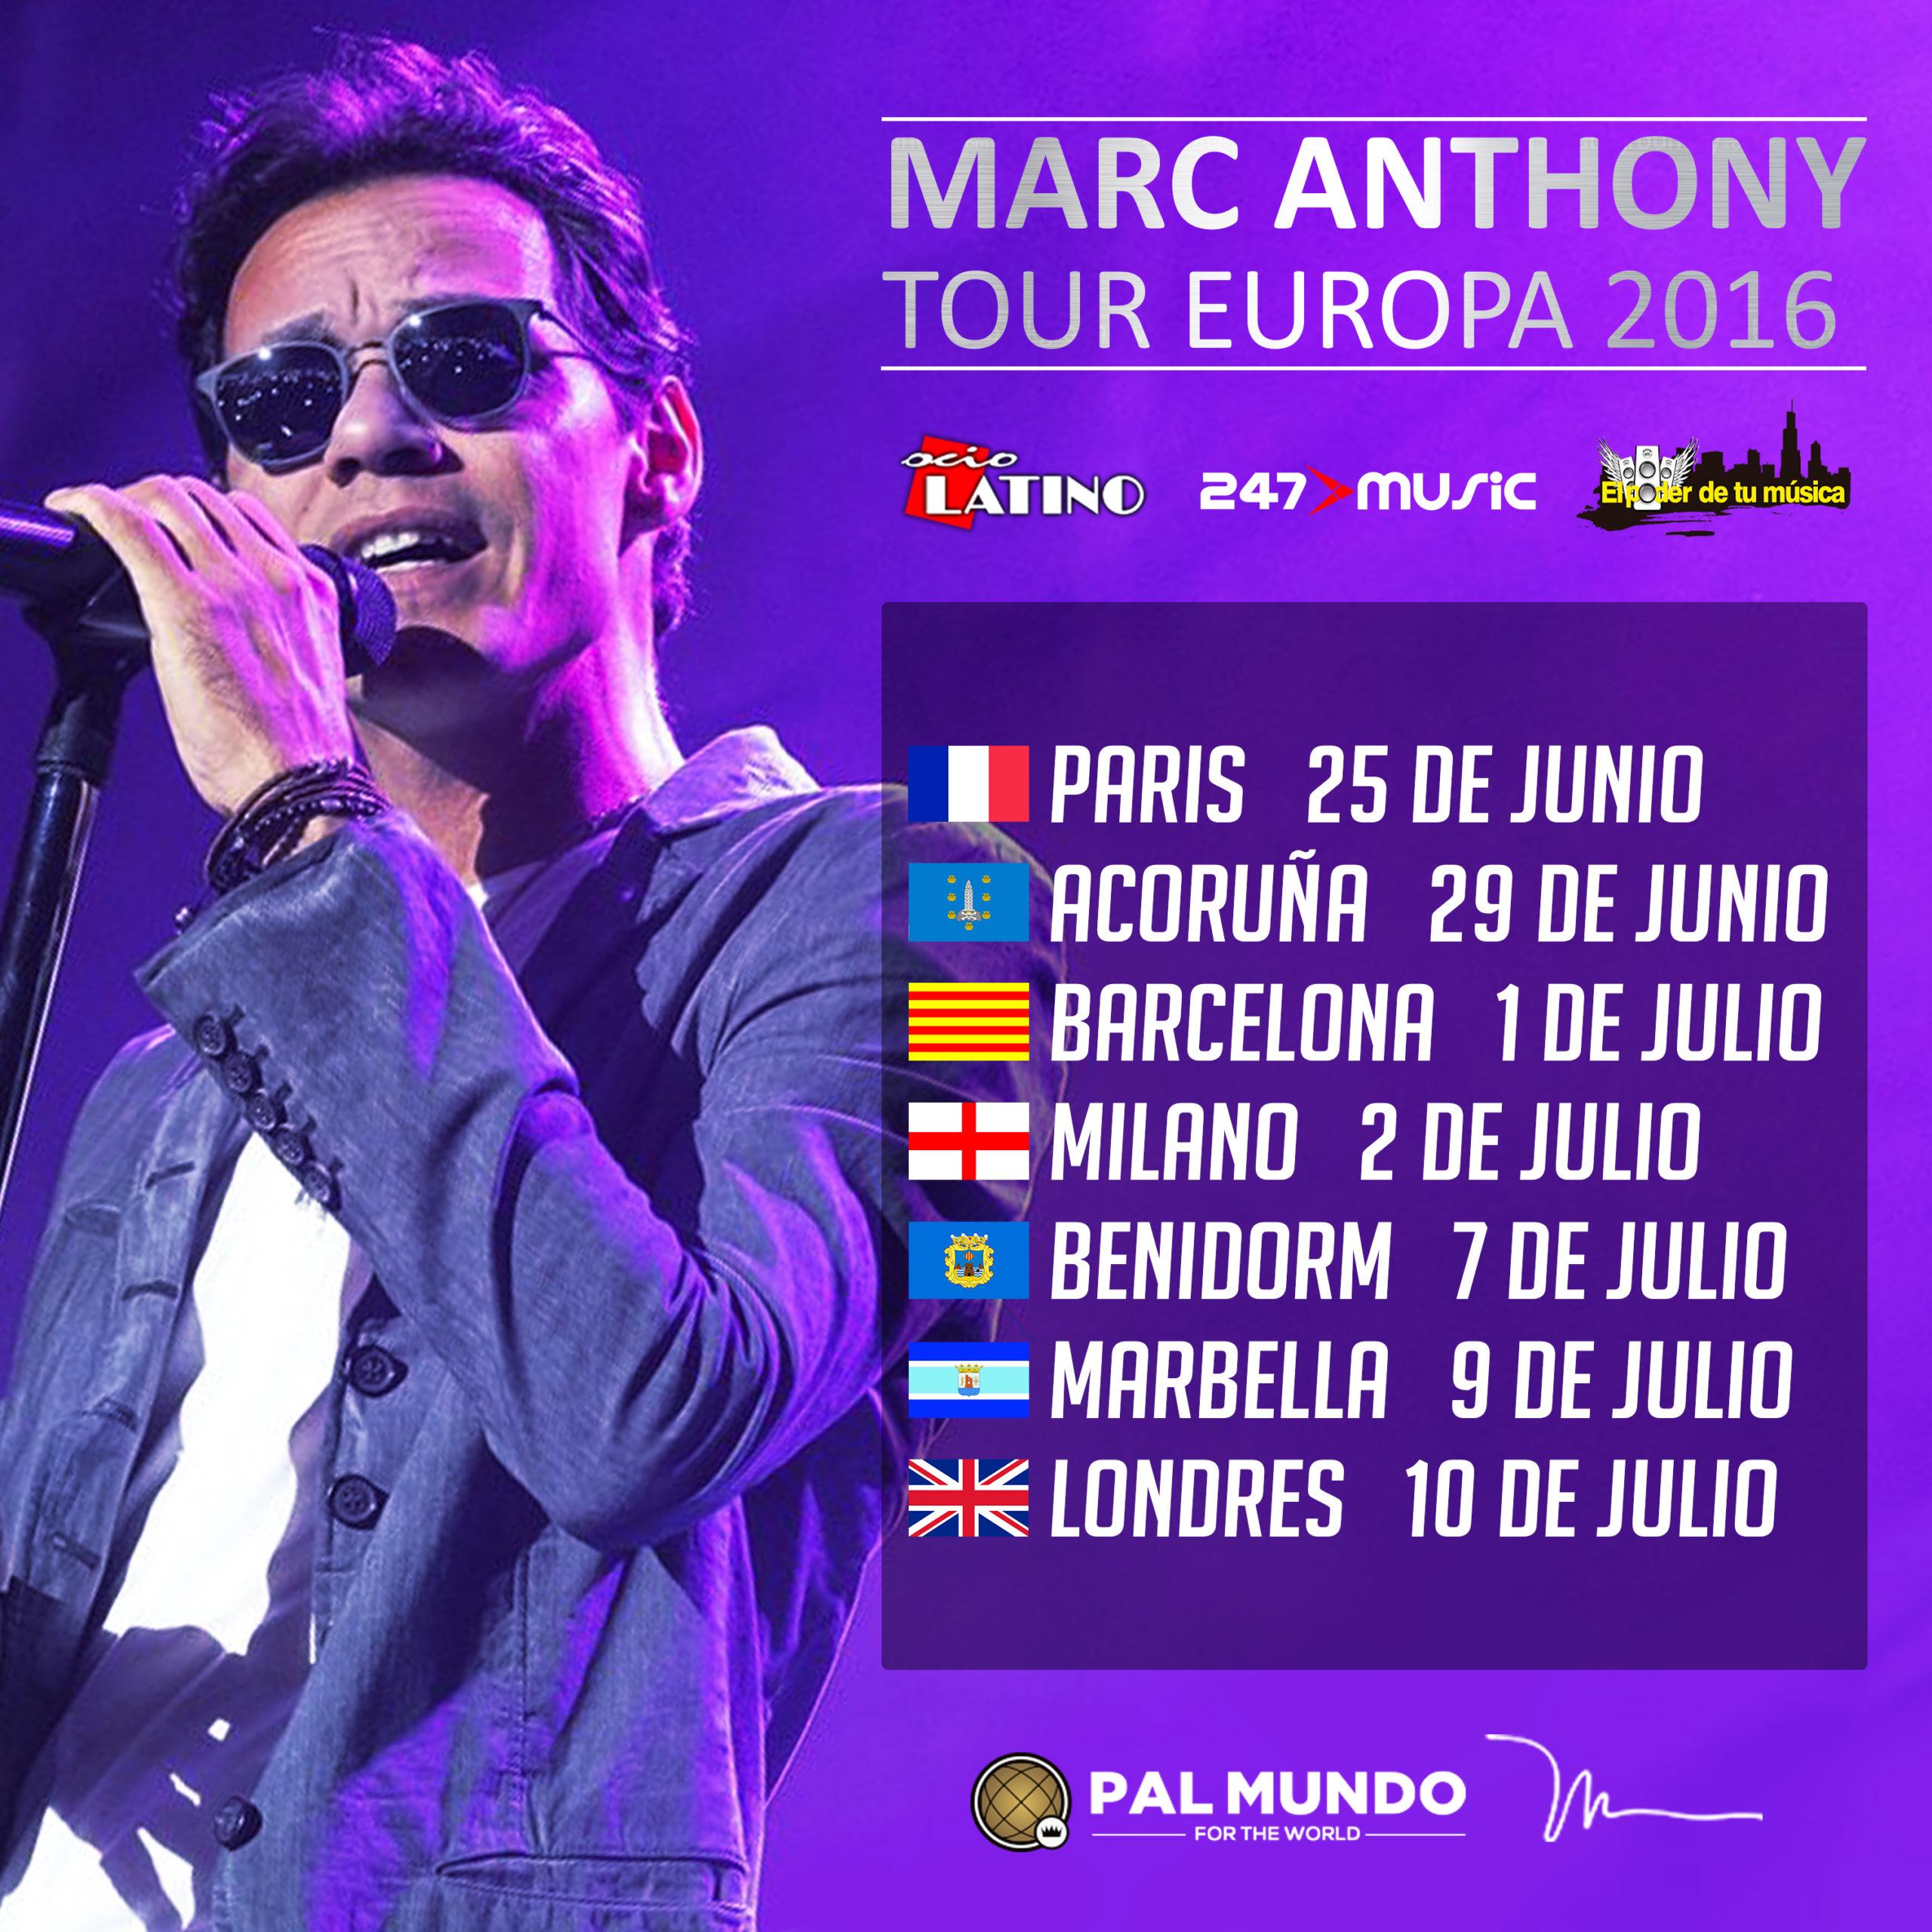 Conoce las fechas de los conciertos de Marc Anthony en Europa